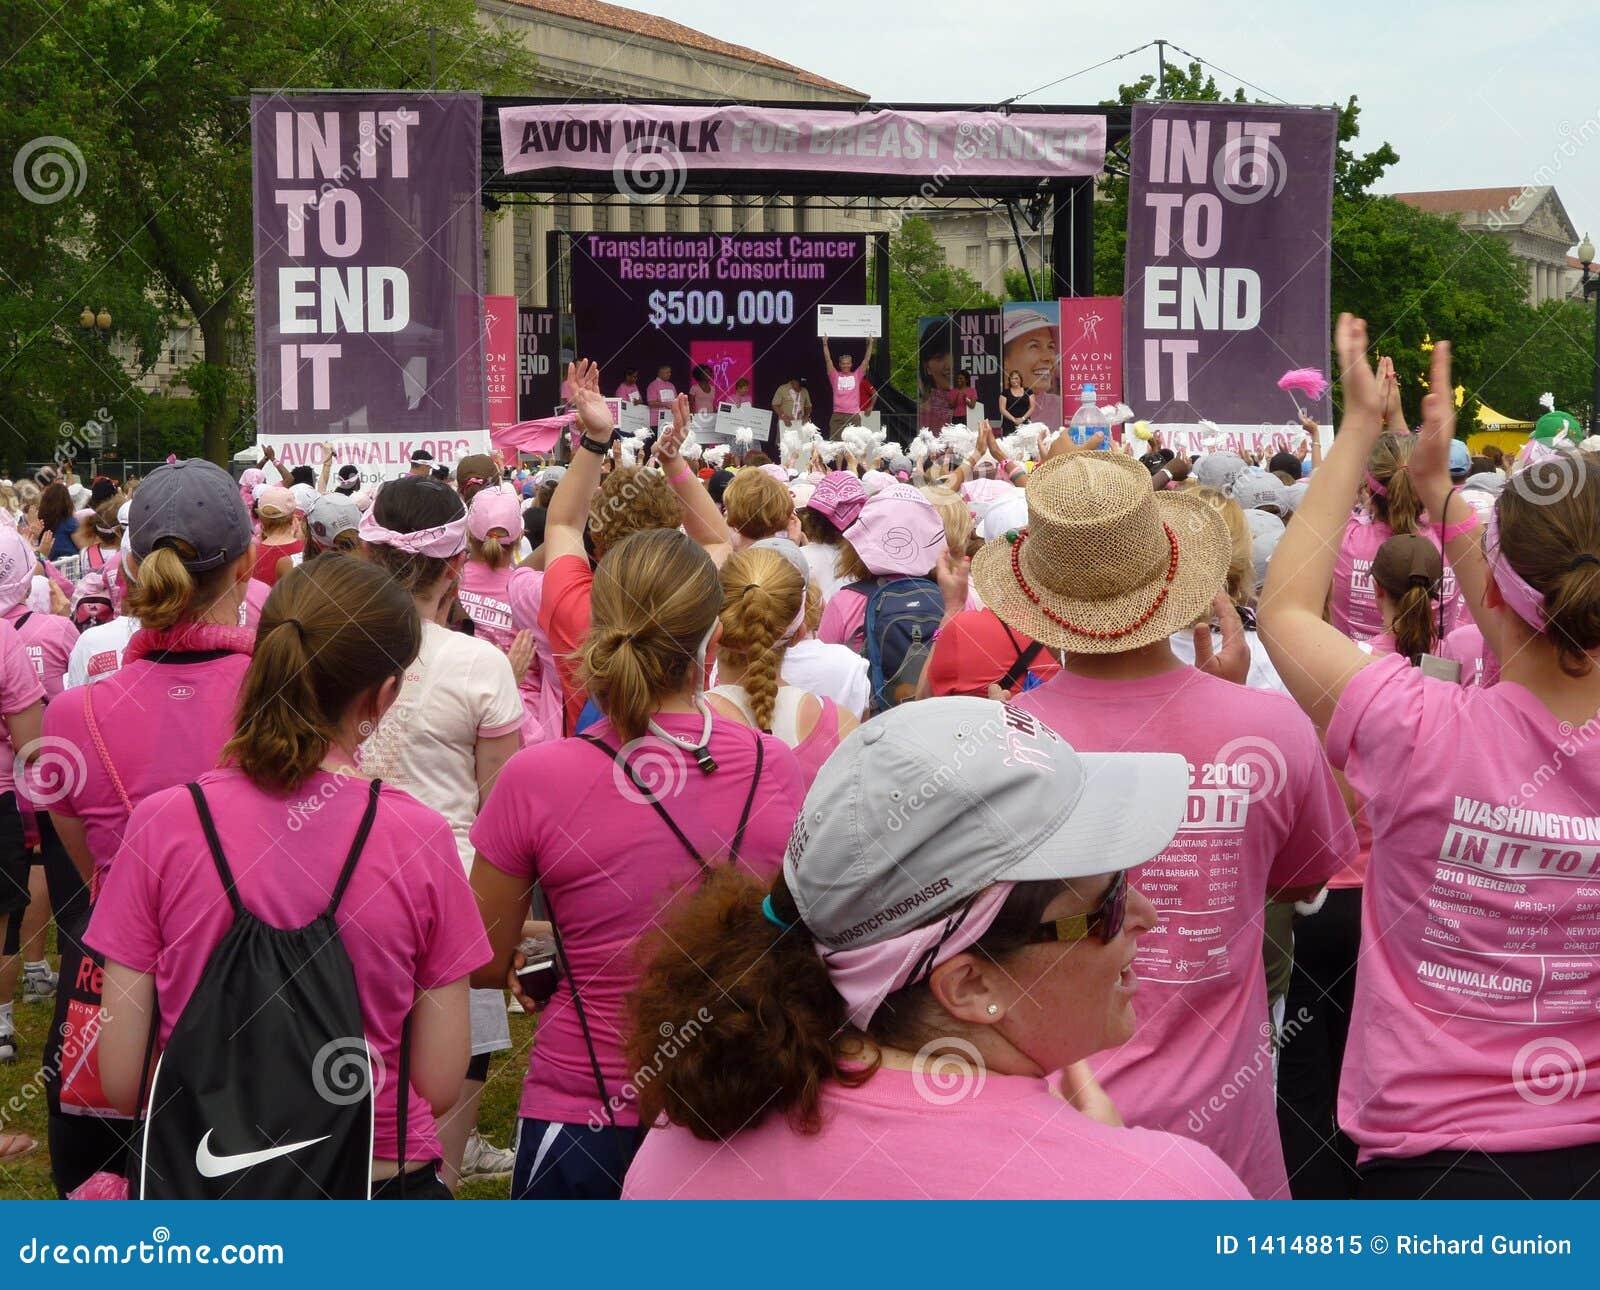 Avon breast cancer walk dc